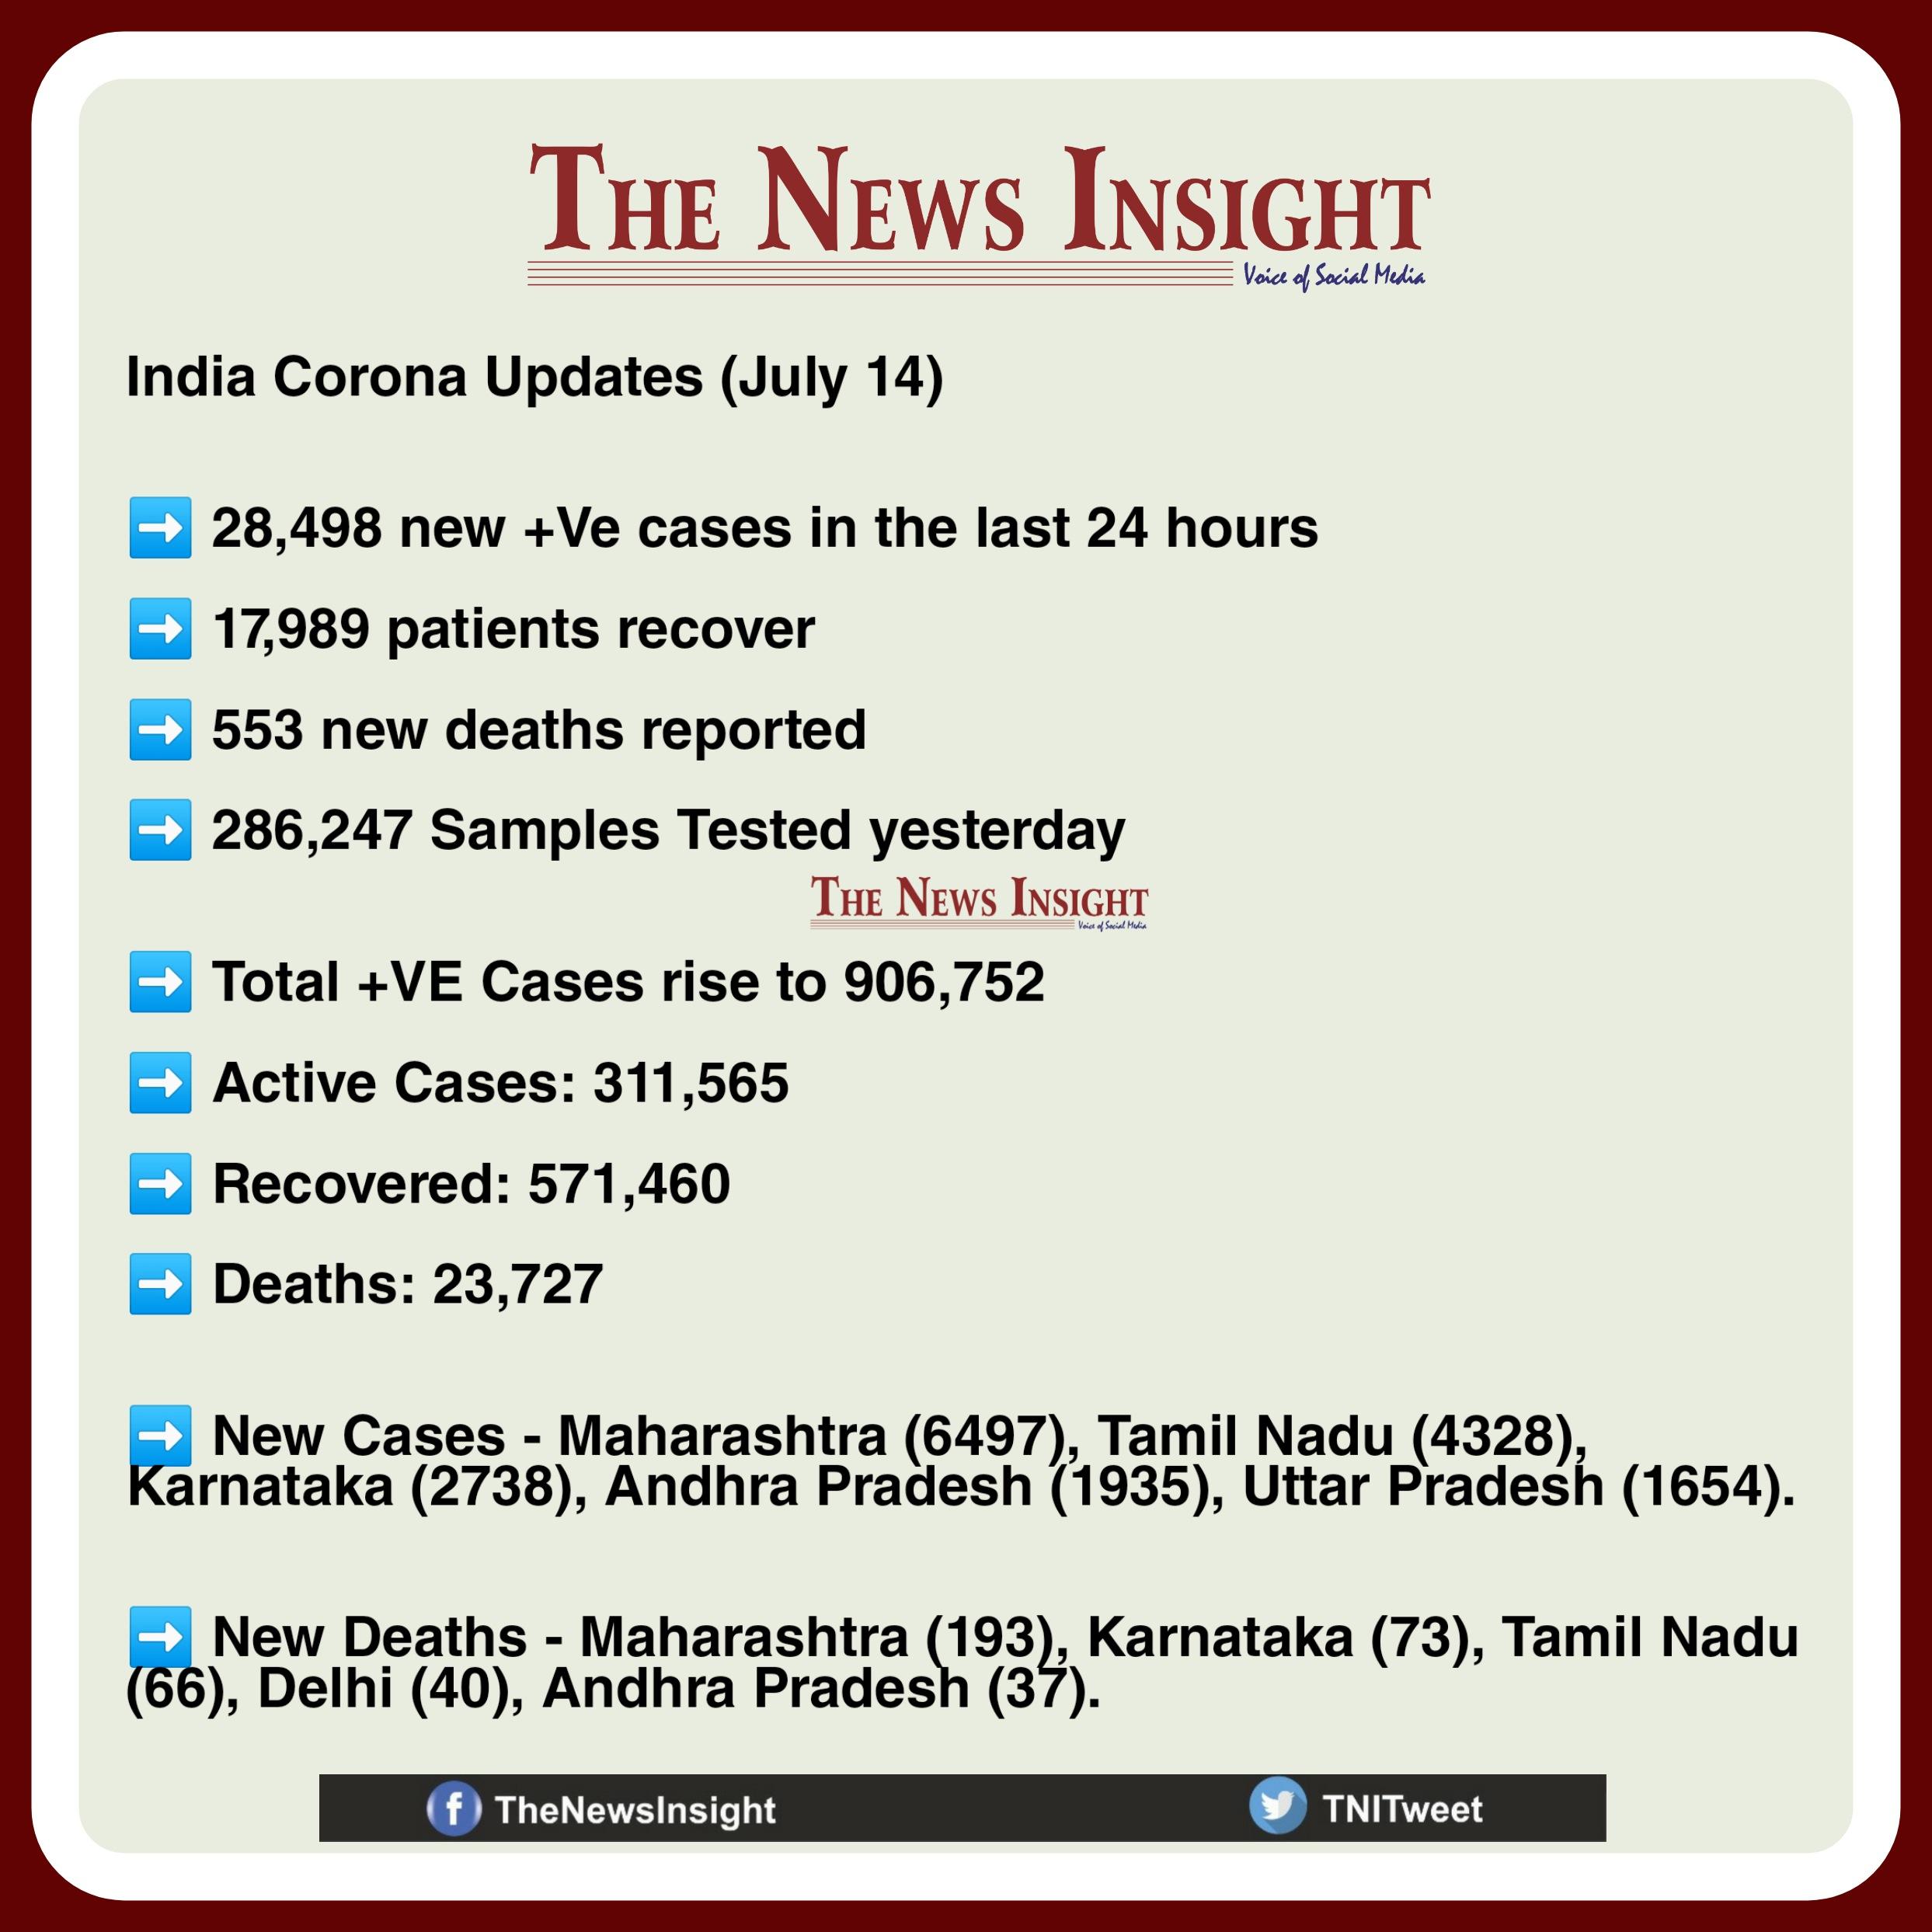 India Corona Updates - July 14